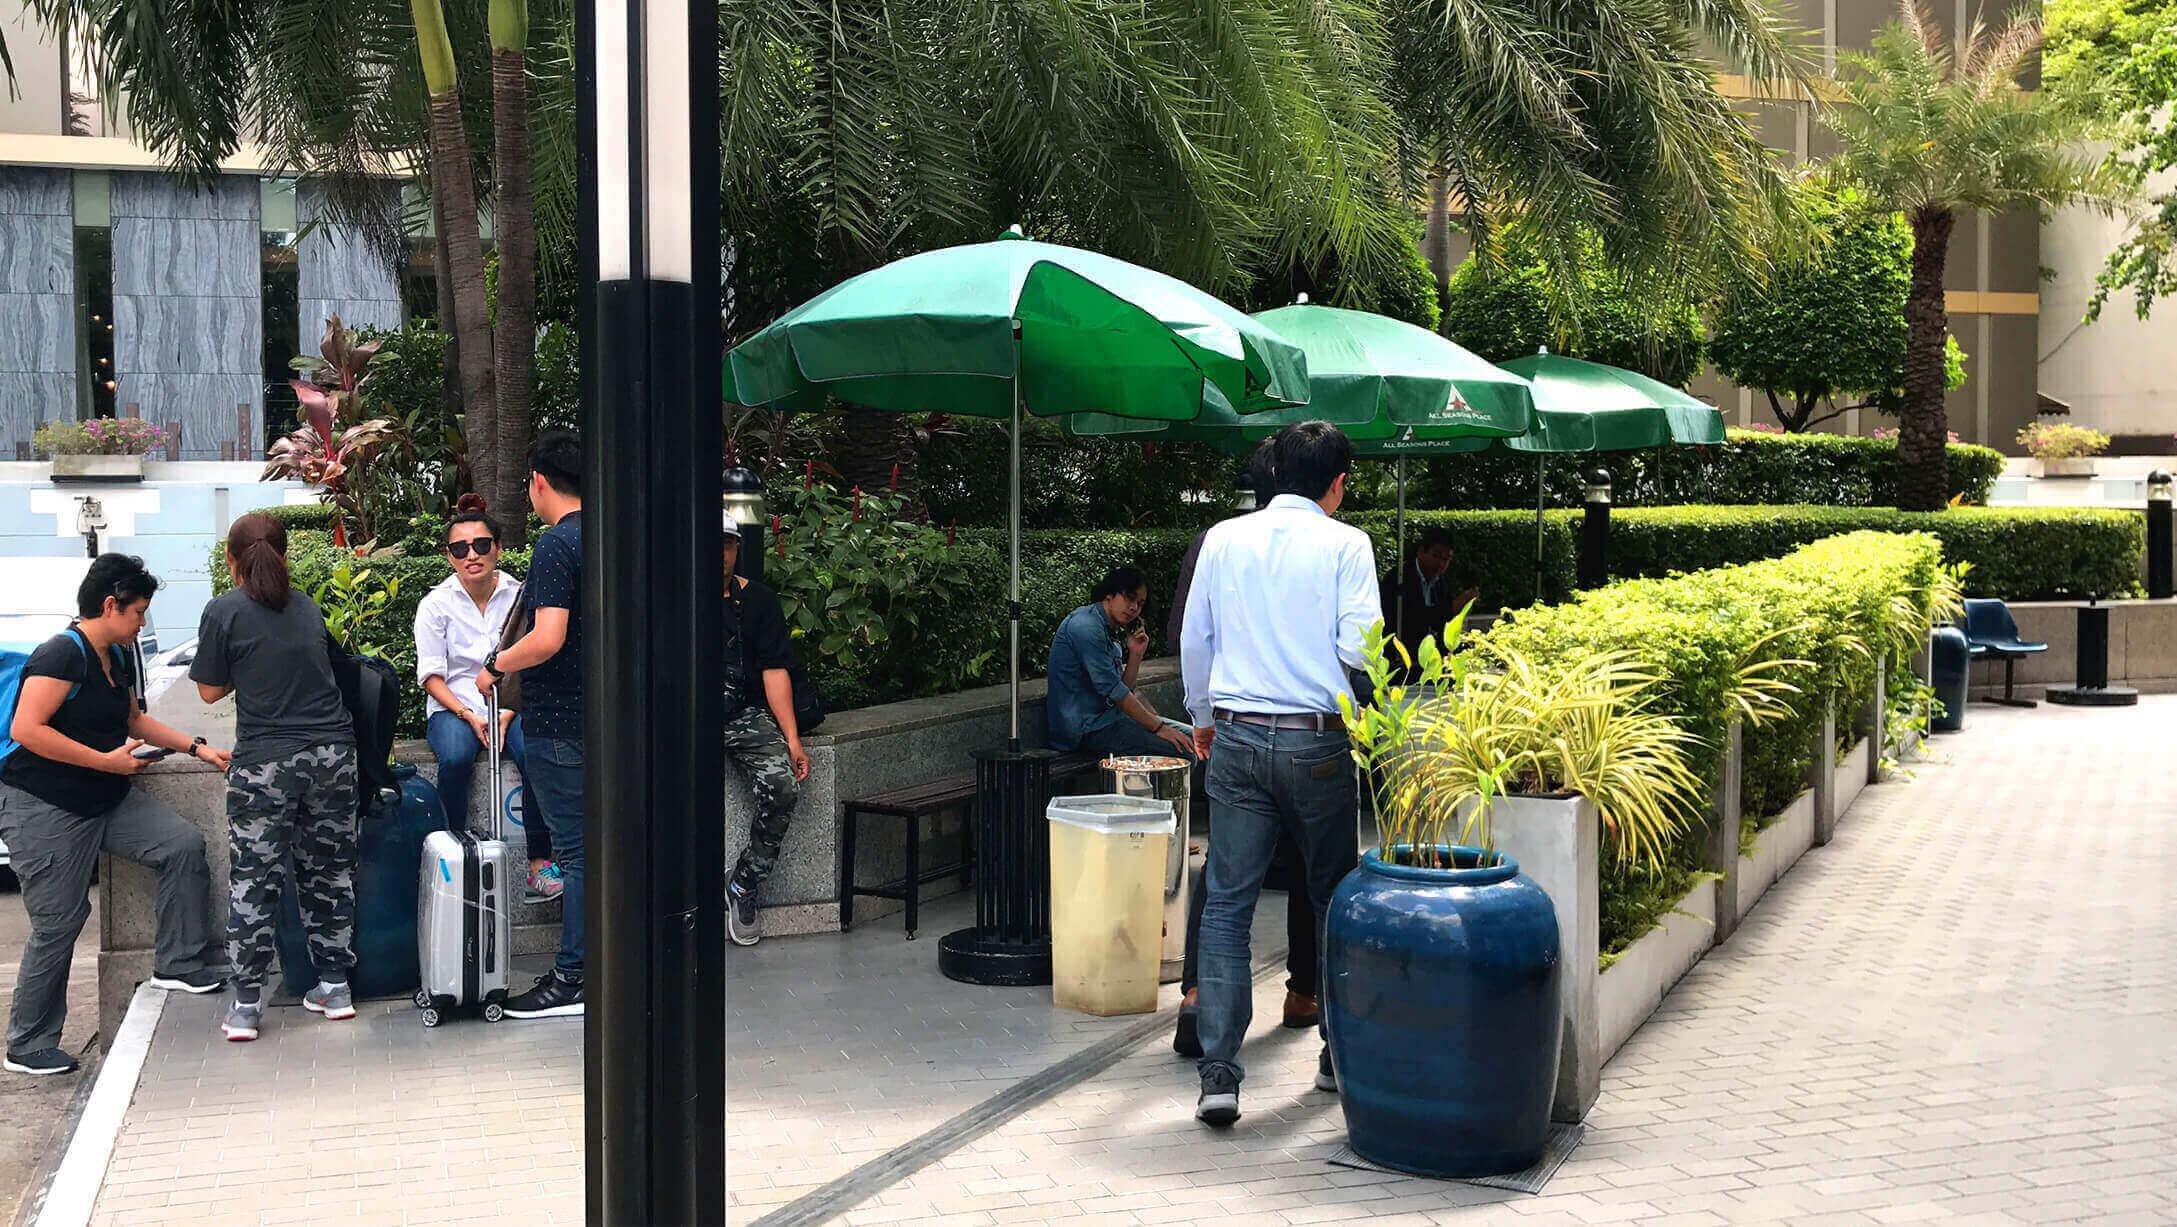 プルンチットオフィス物件M Thai Tower 喫煙所の様子